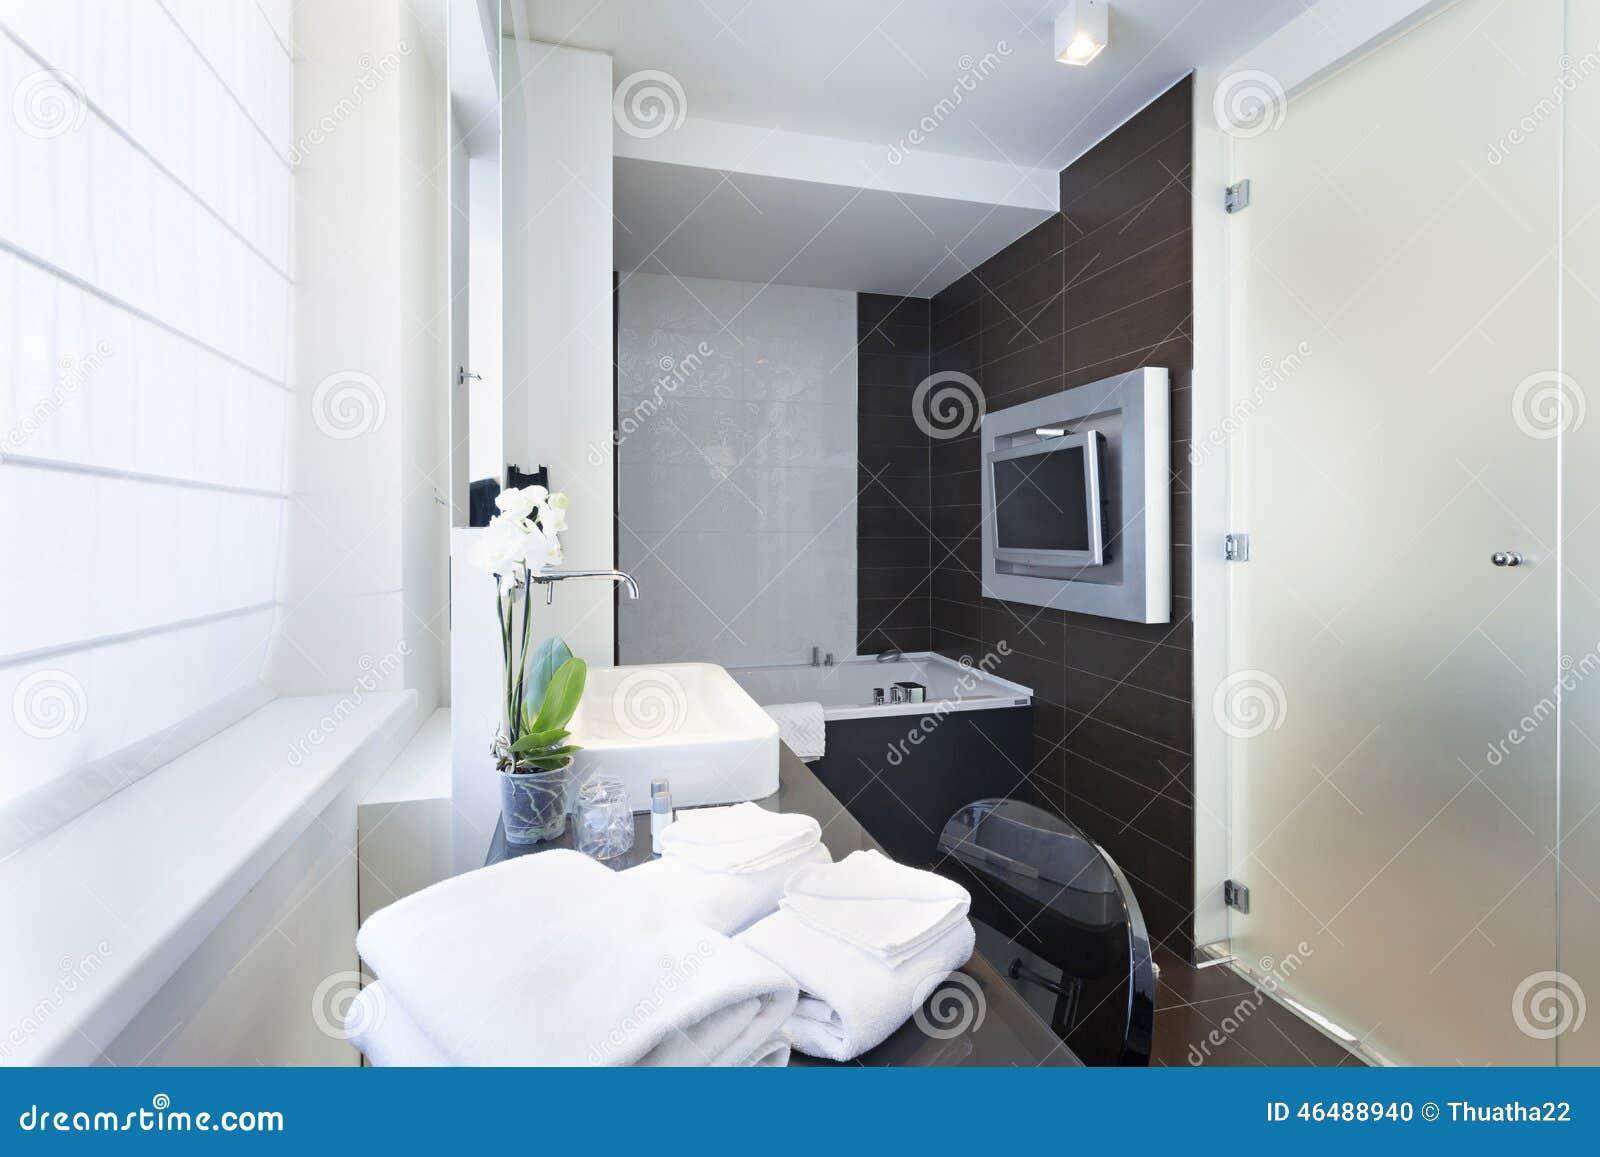 Tele Salle De Bain intérieur de luxe de salle de bains avec la tv fixée au mur